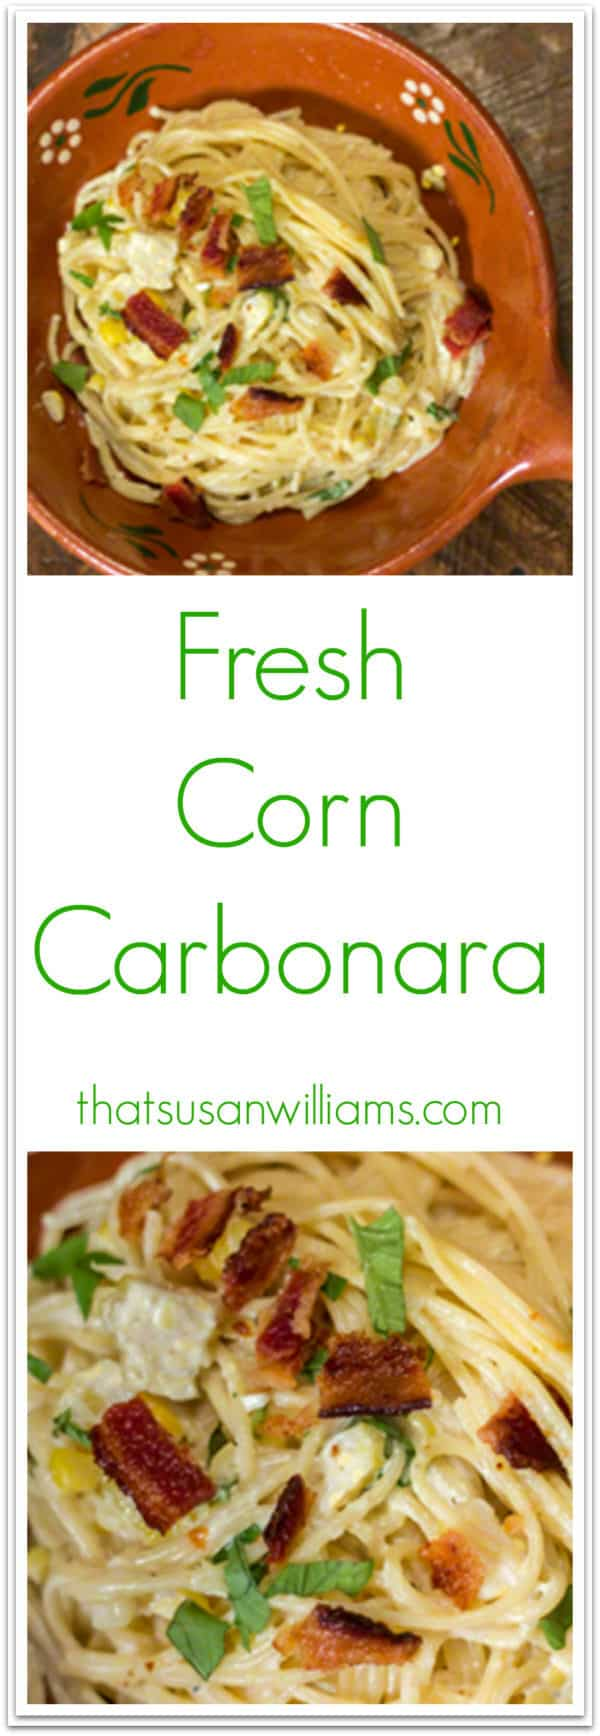 Fresh Corn Carbonara with a Quick Cleanup, using Scotch-Brite® Scrubbing Dish Cloth